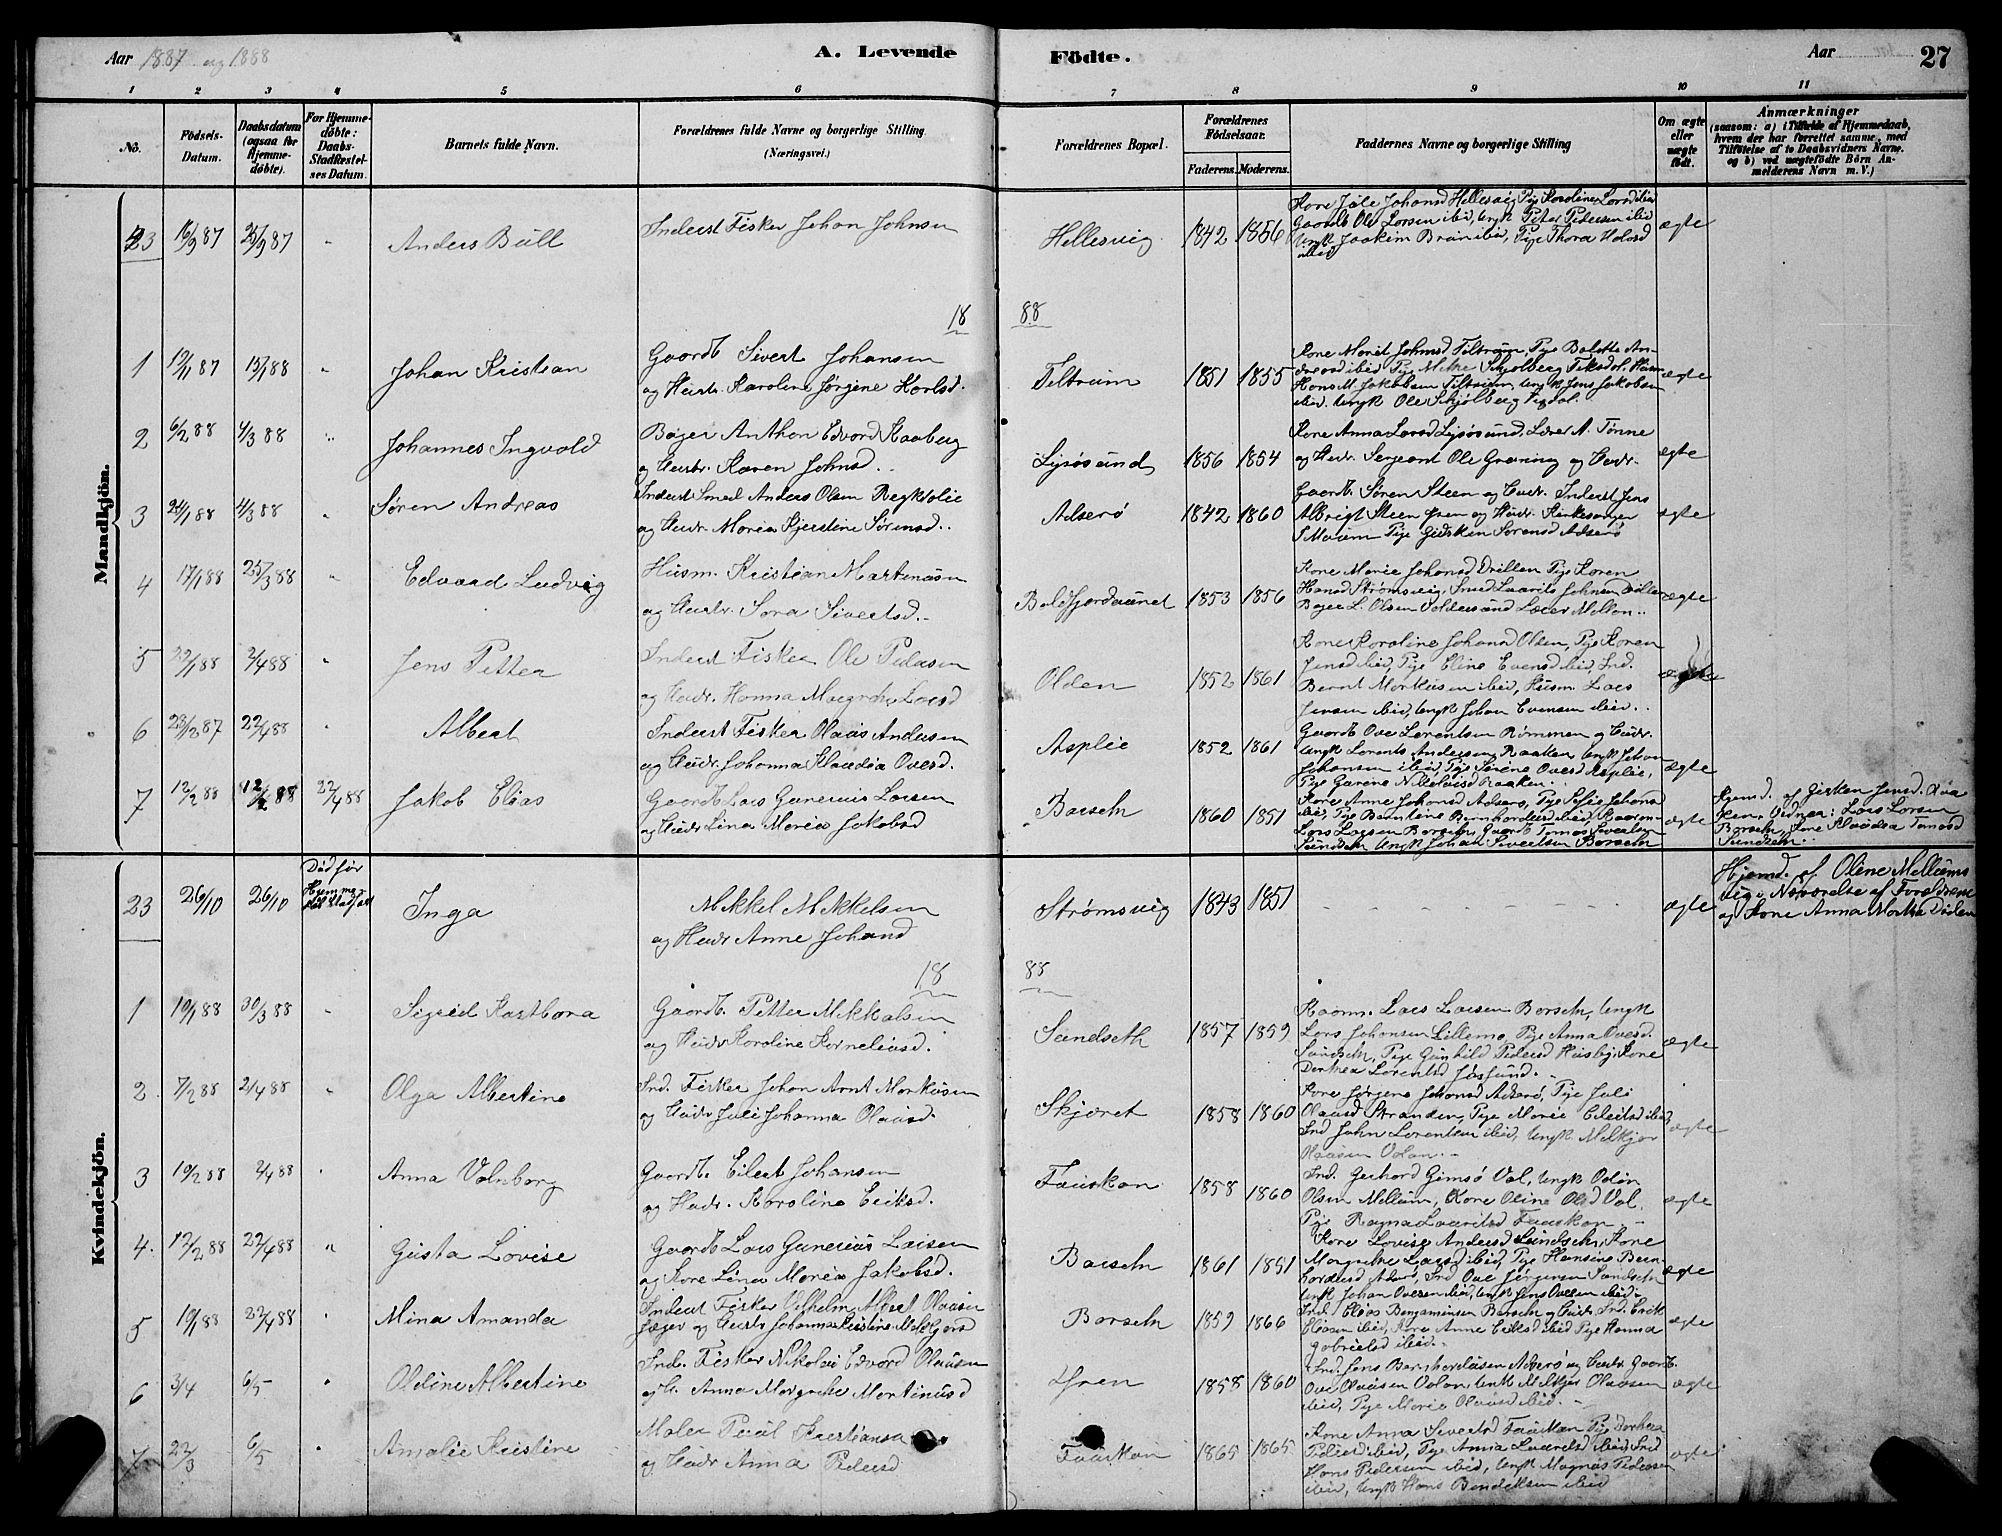 SAT, Ministerialprotokoller, klokkerbøker og fødselsregistre - Sør-Trøndelag, 654/L0665: Klokkerbok nr. 654C01, 1879-1901, s. 27